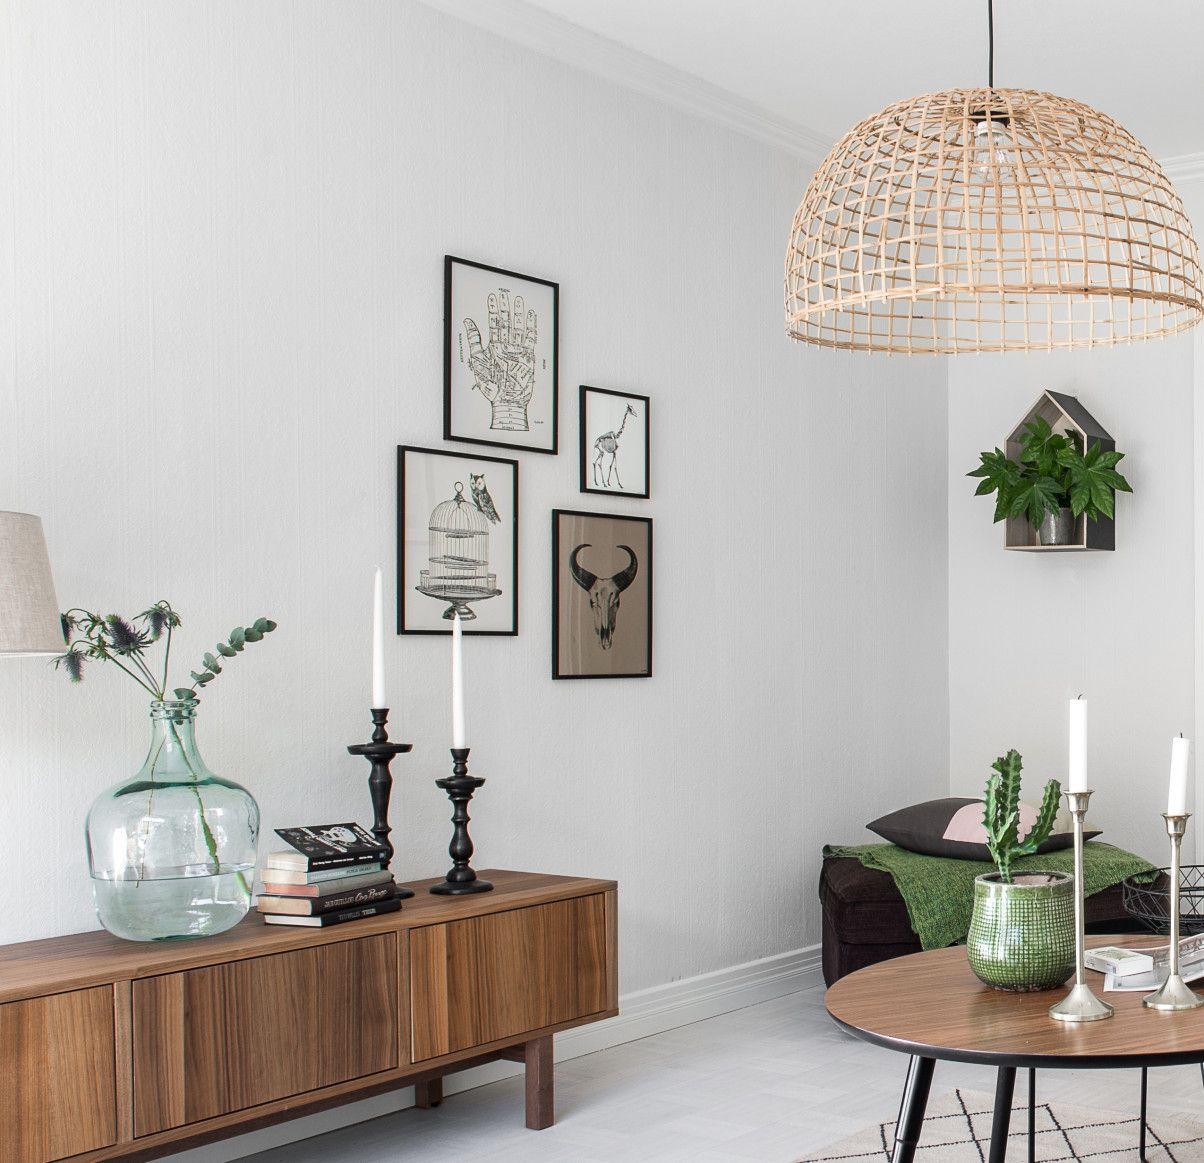 ikea 39 stockholm 39 lowboard l vbacken 39 retro side table home pinterest ikea stockholm. Black Bedroom Furniture Sets. Home Design Ideas